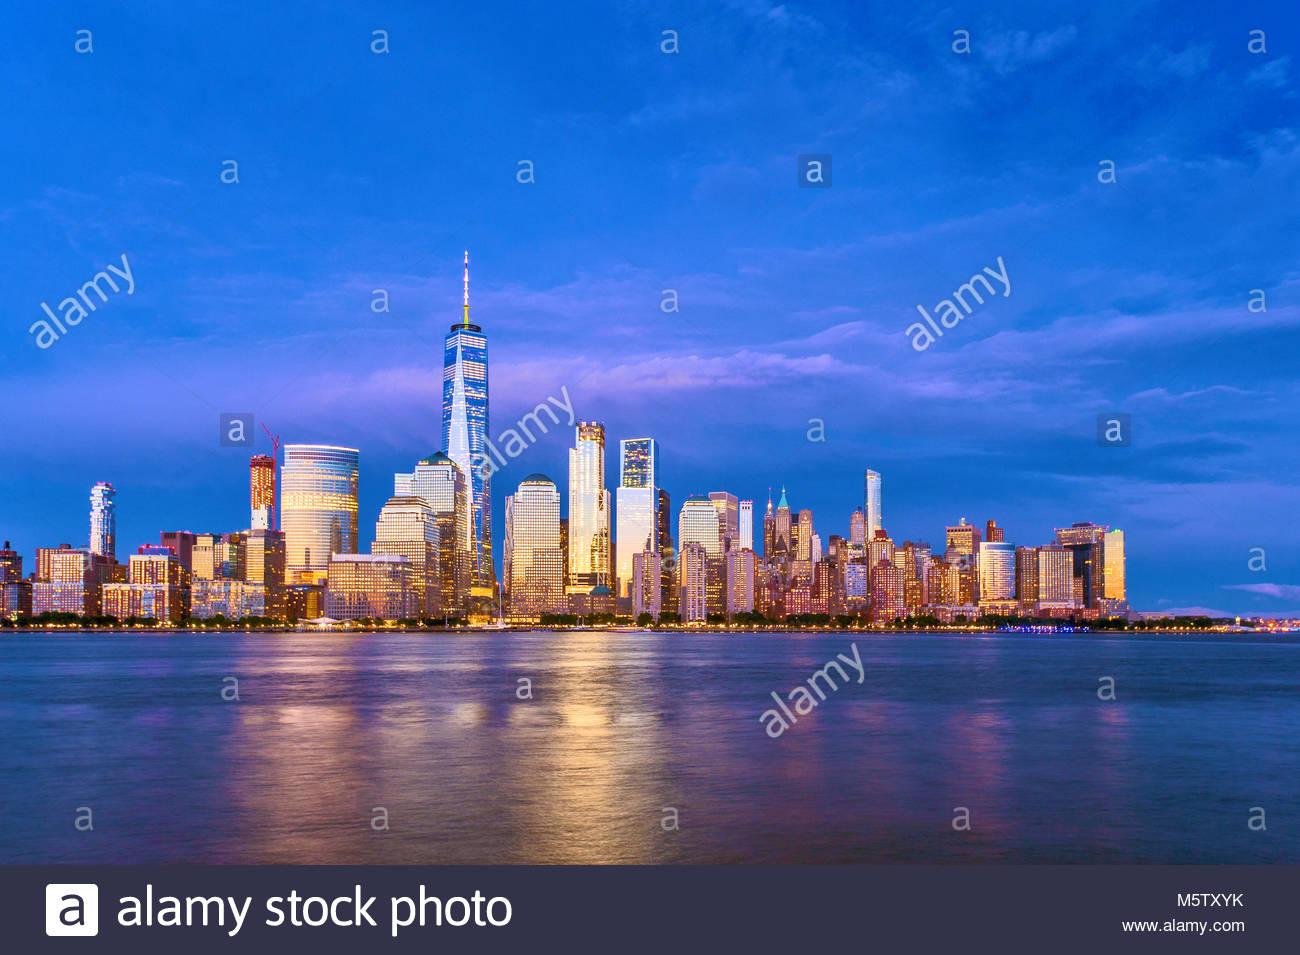 Skyline Von New York One World Trade Center Wtc Freedom Tower